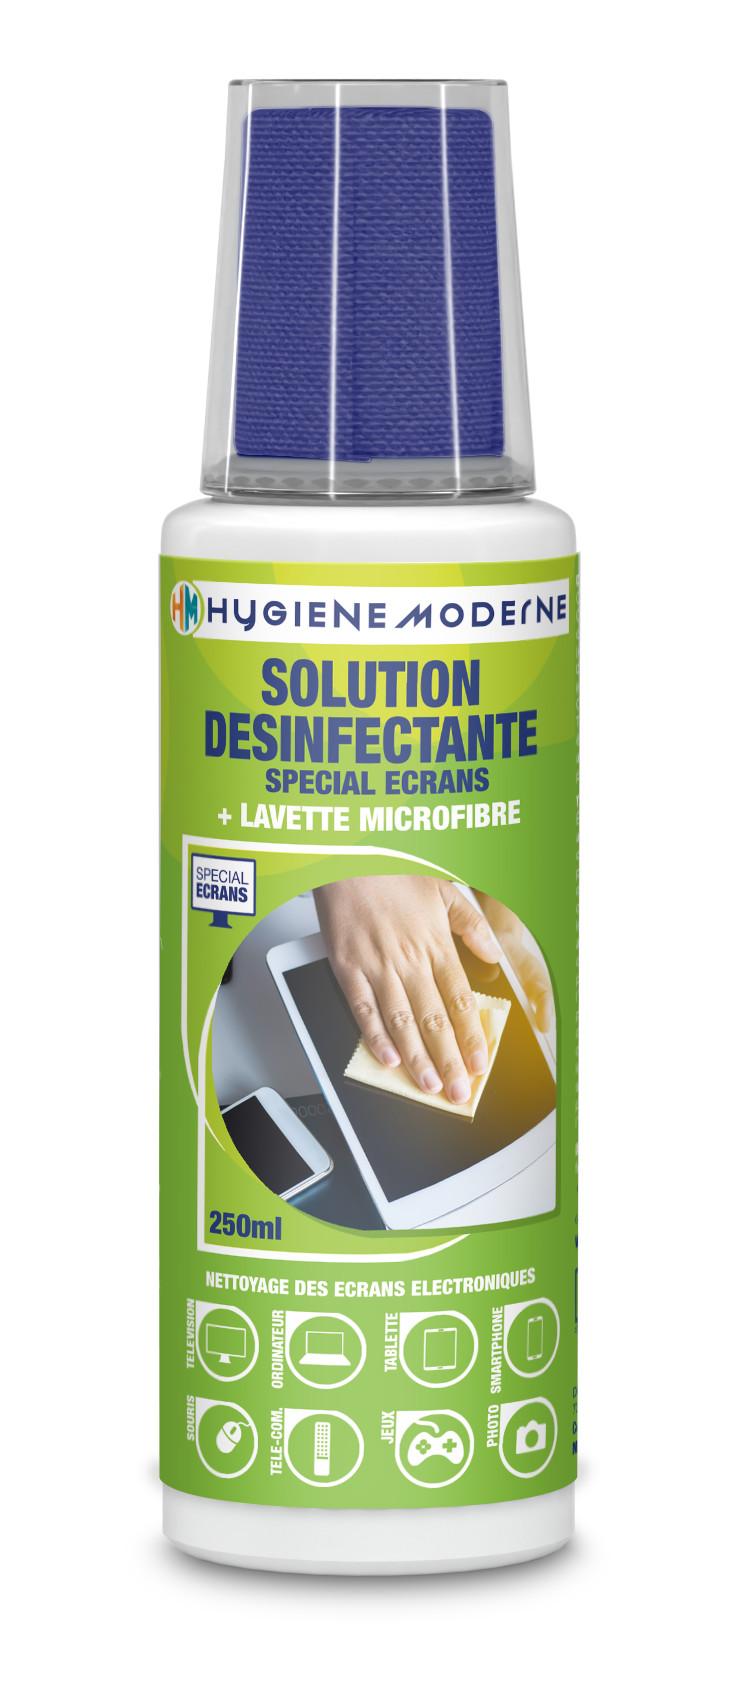 HYGIENE MODERNE Solution désinfectante spéciale écrans 250 ML + lavette microfibre